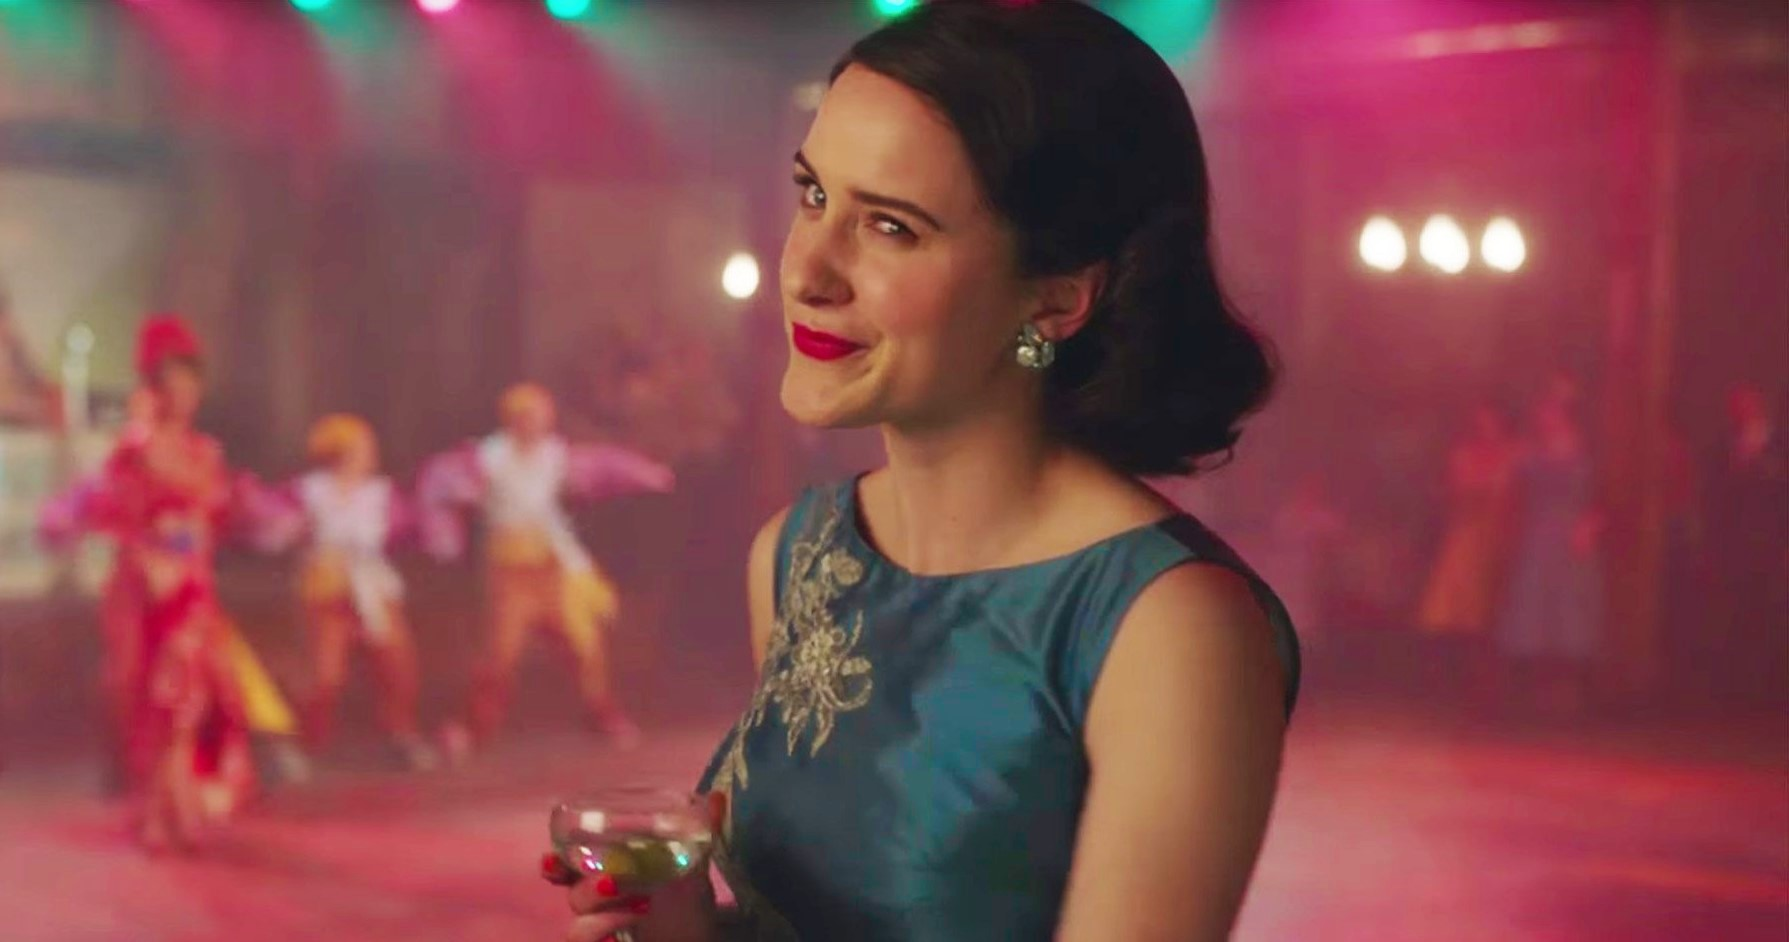 Вышел трейлер 2 сезона «Удивительной миссис Мэйзел»